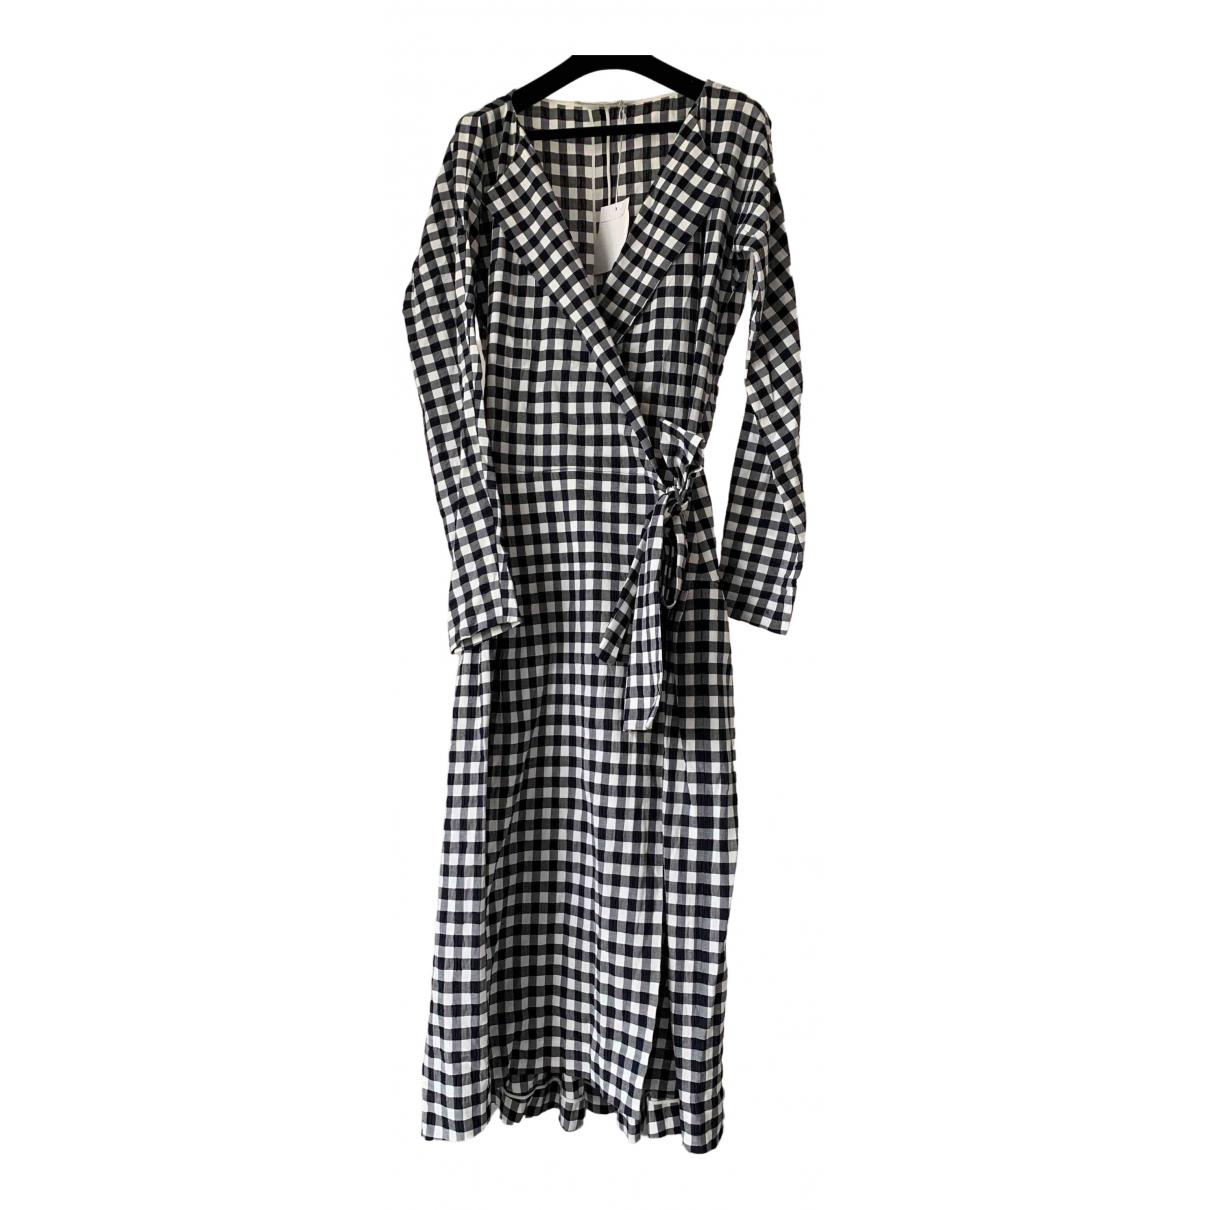 Chloe \N Kleid in  Bunt Baumwolle